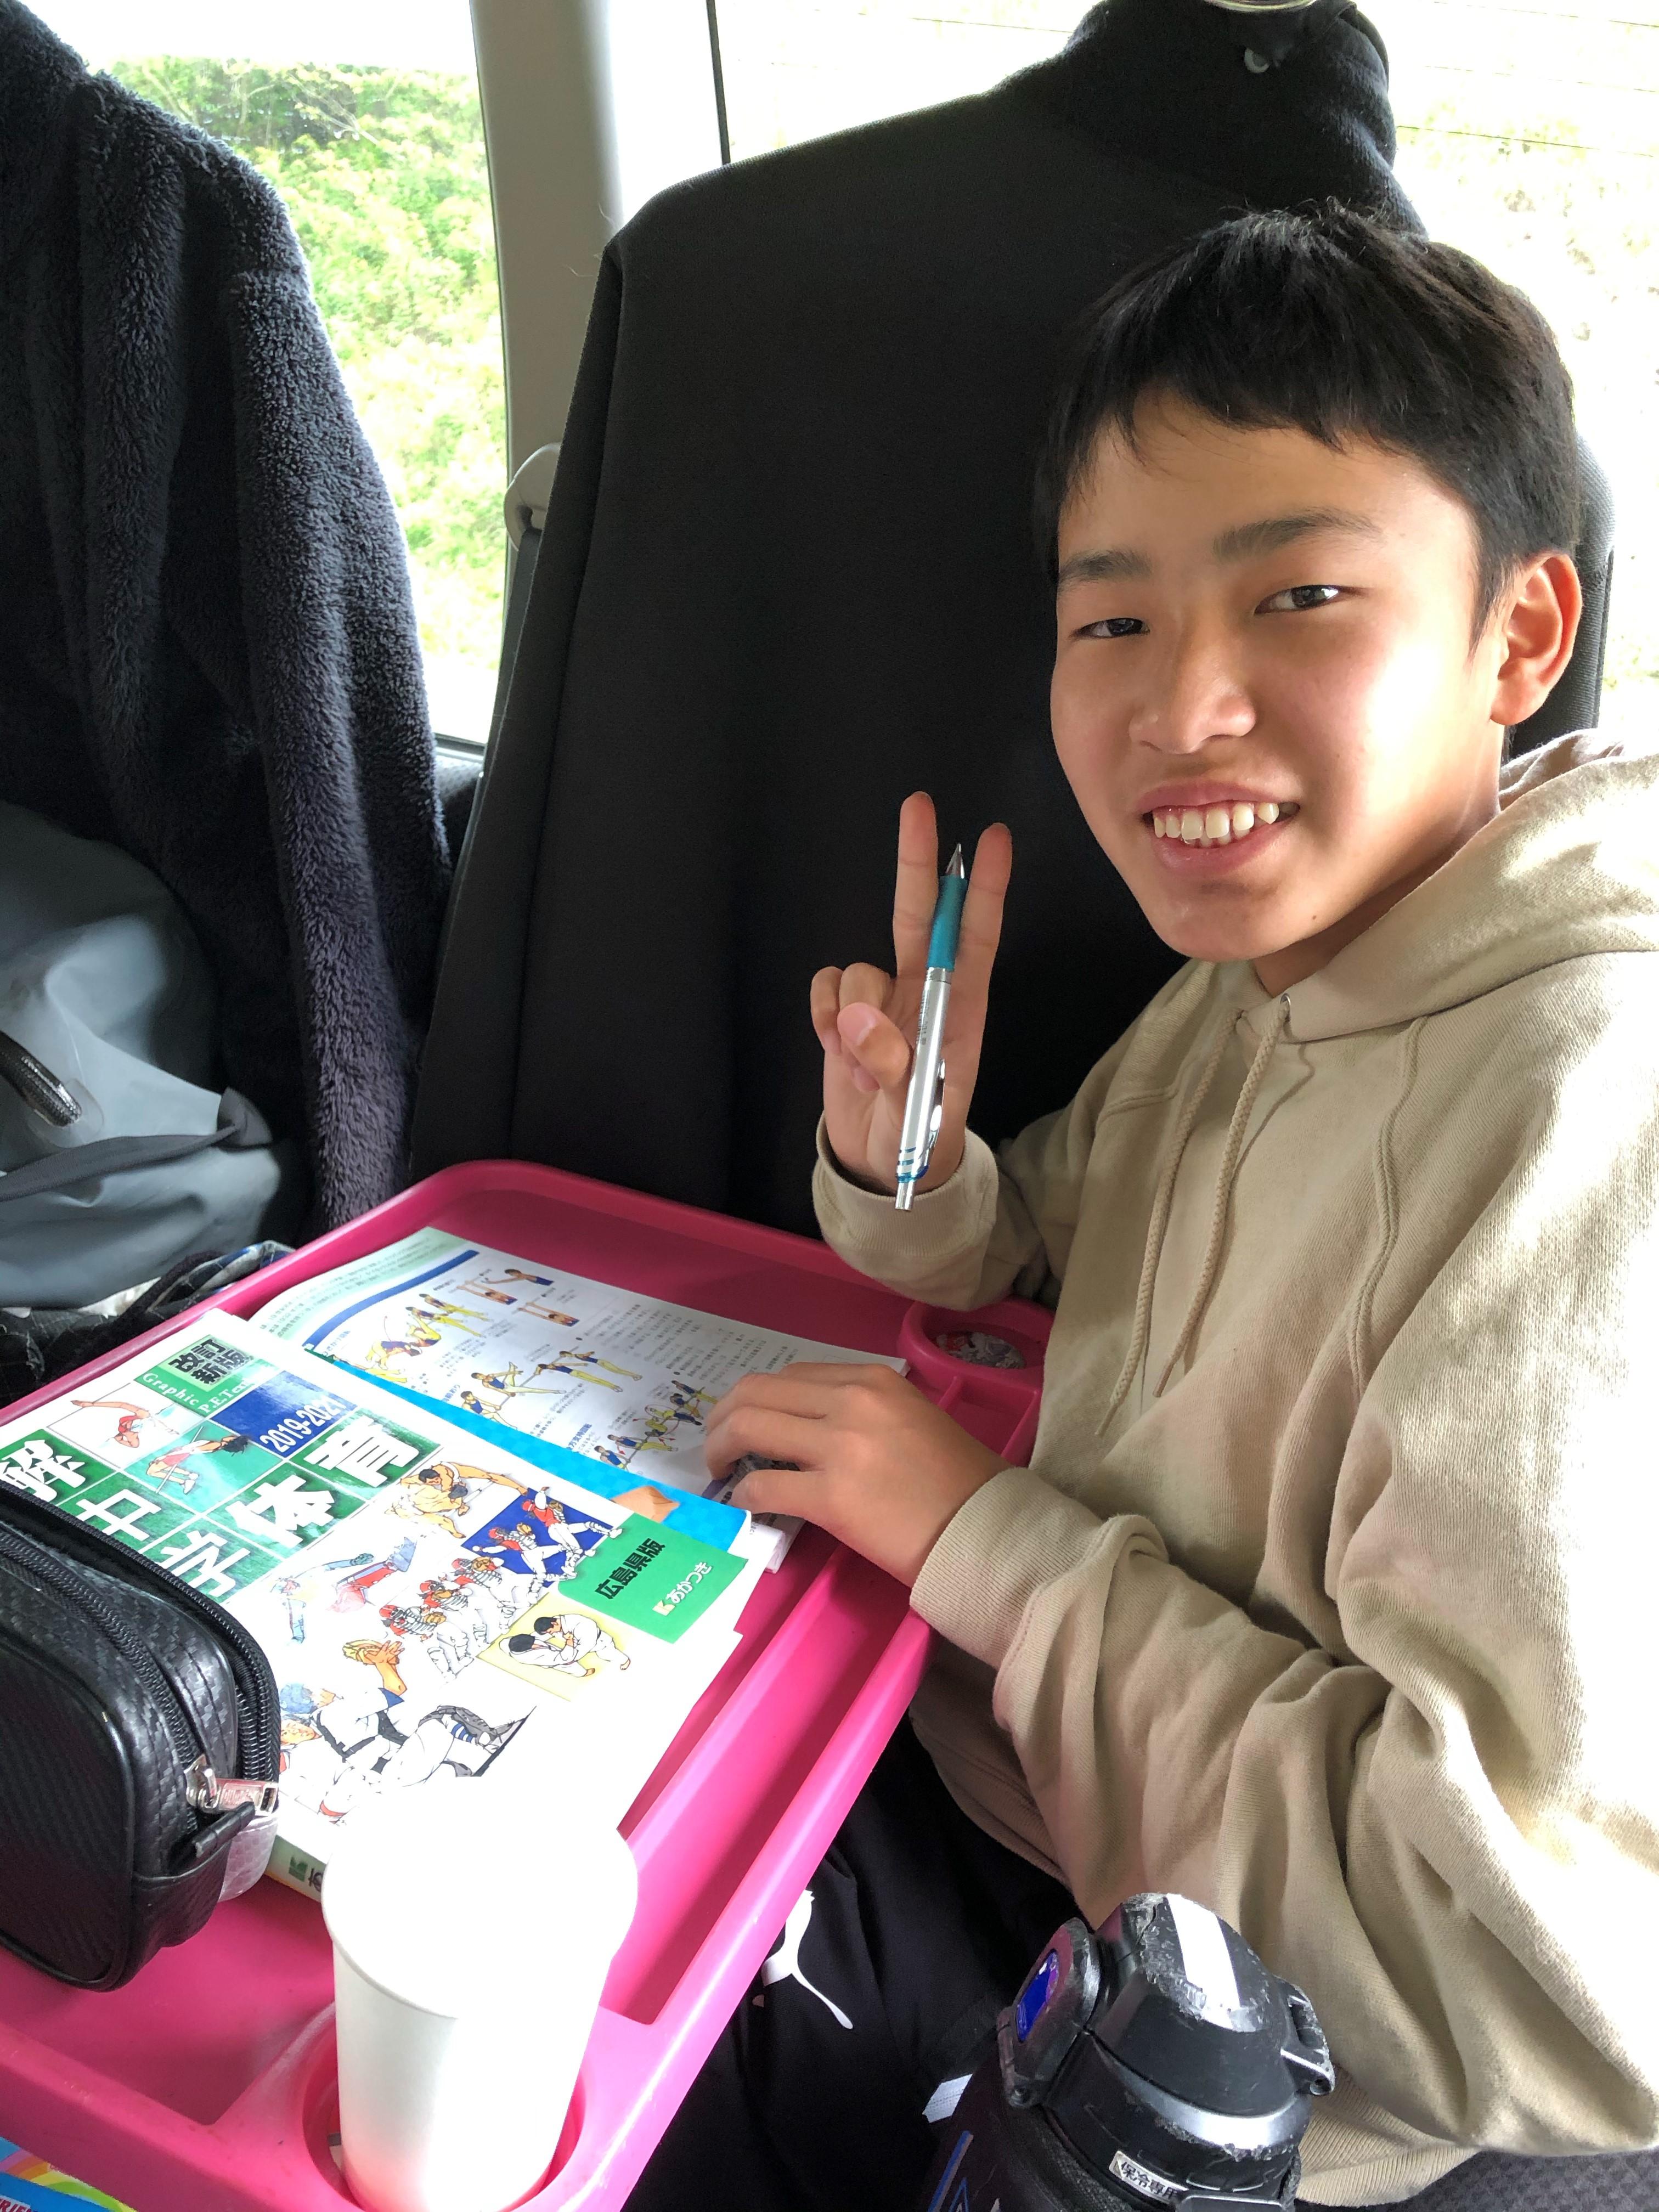 宿題中の息子さんの写真